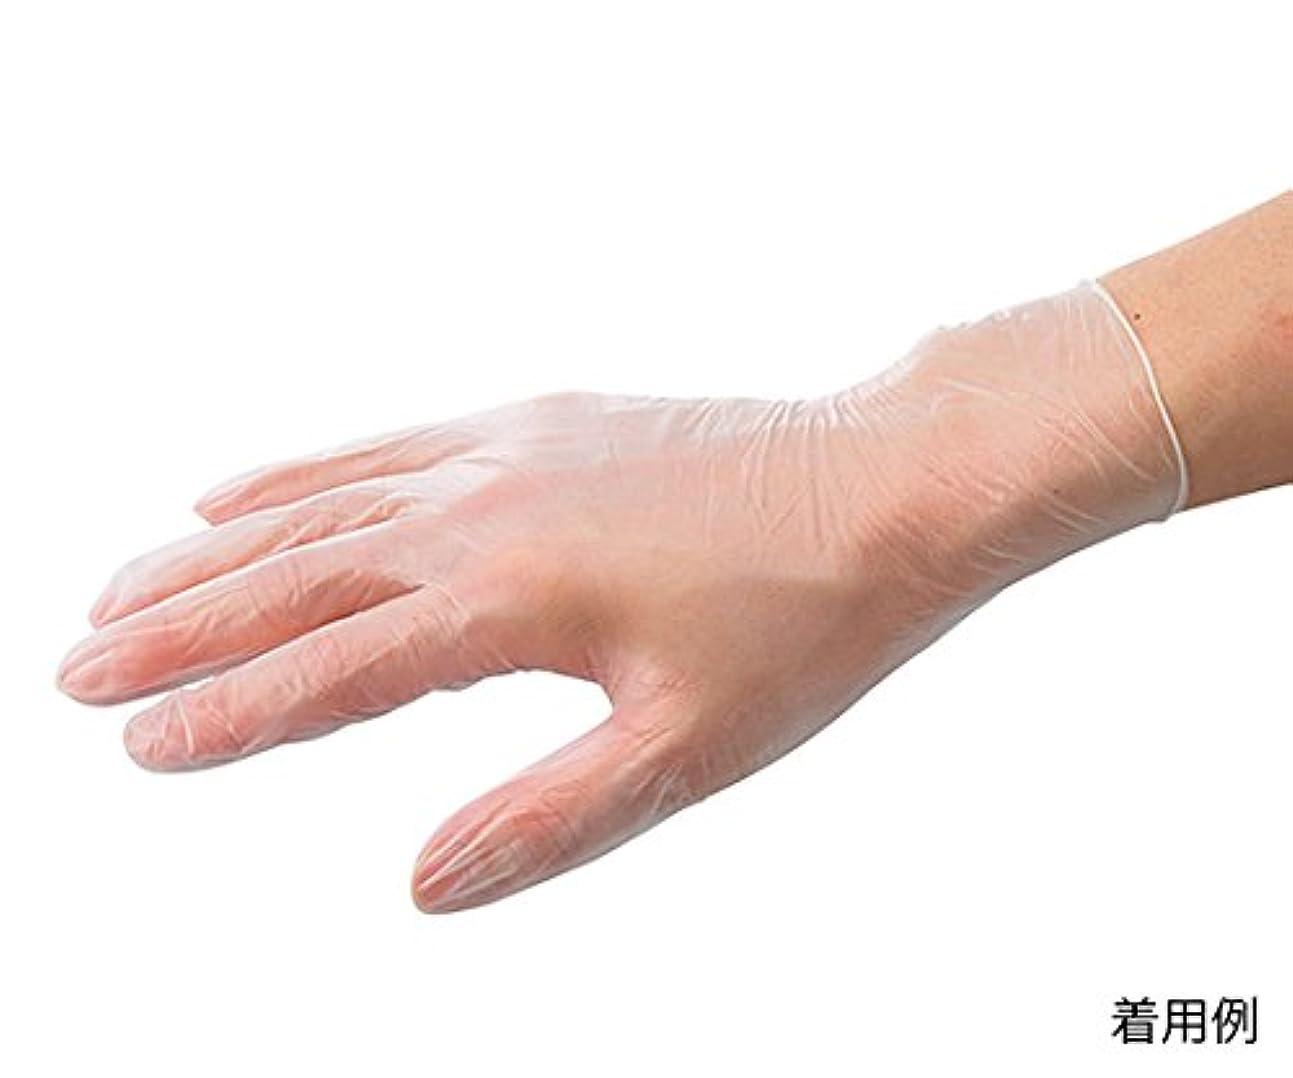 アーサーコナンドイルブレーキアトムARメディコム?インク?アジアリミテッド7-3727-03バイタルプラスチック手袋(パウダー付き)L150枚入